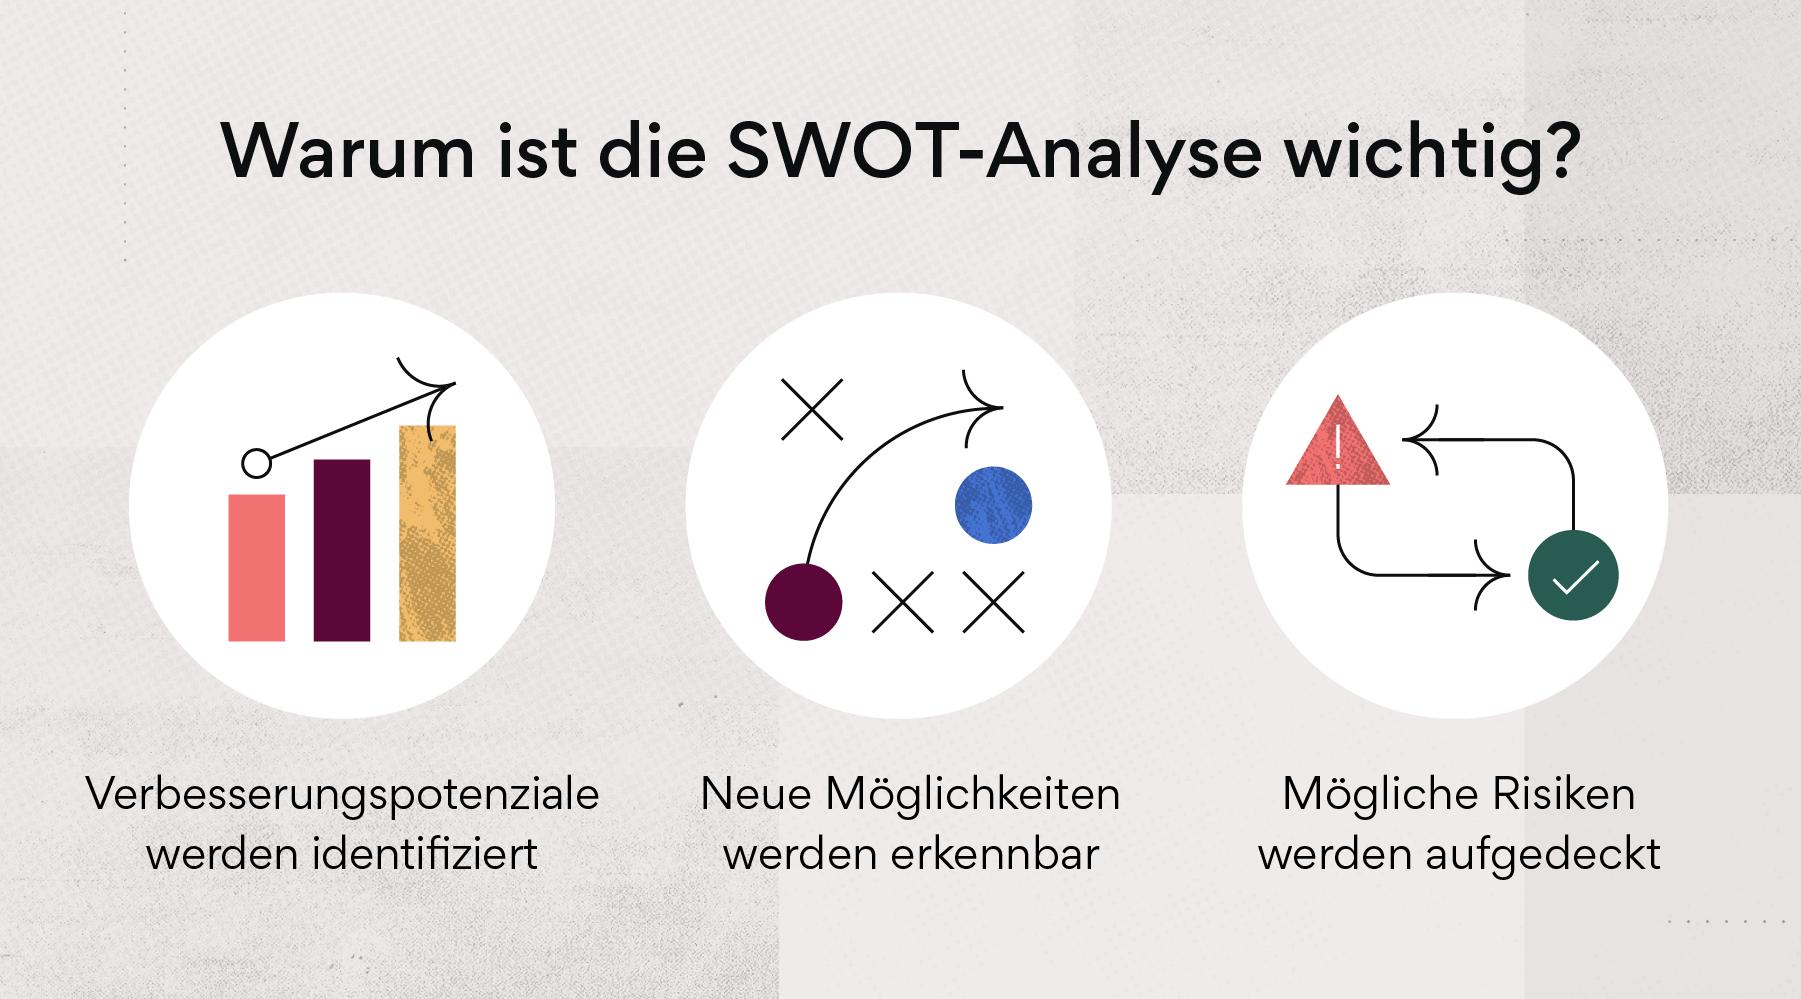 Warum ist die SWOT-Analyse wichtig?